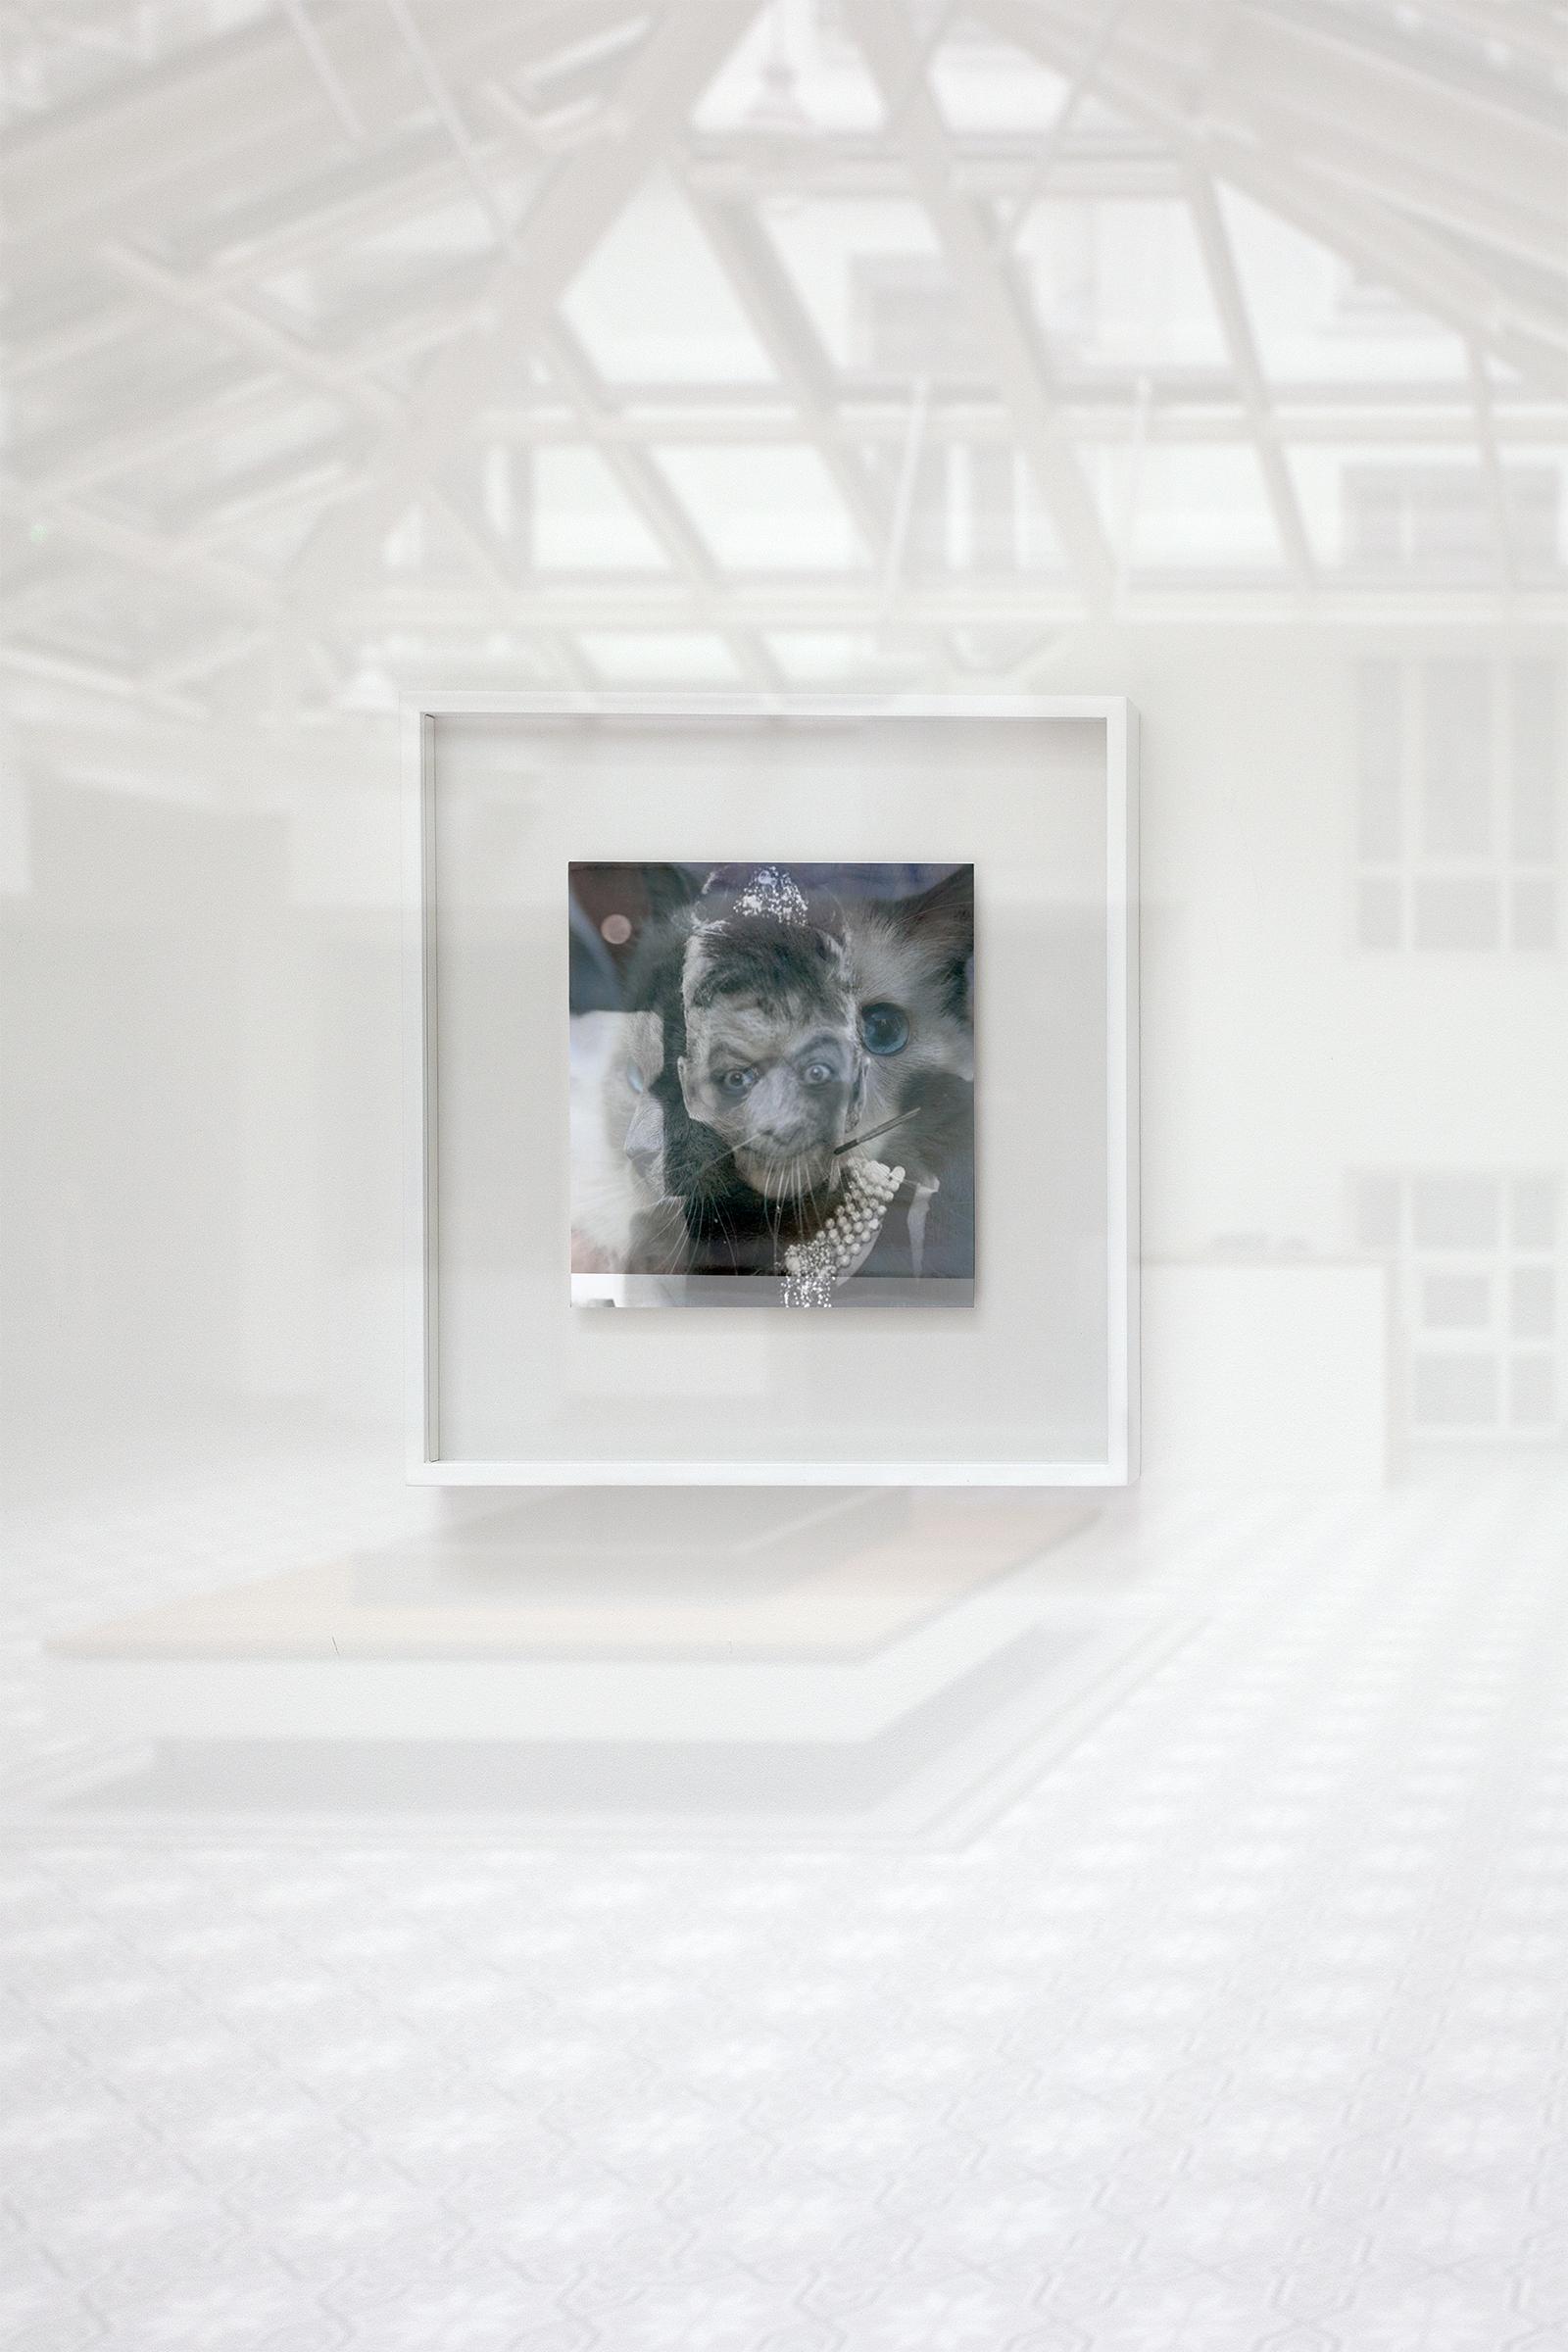 Agnieszka Brzeżańska, Matrix-Sratrix, widok wystawy, fot.Marek Gardulski, dzięki uprzejmości Artystki igalerii Kasia Michalski